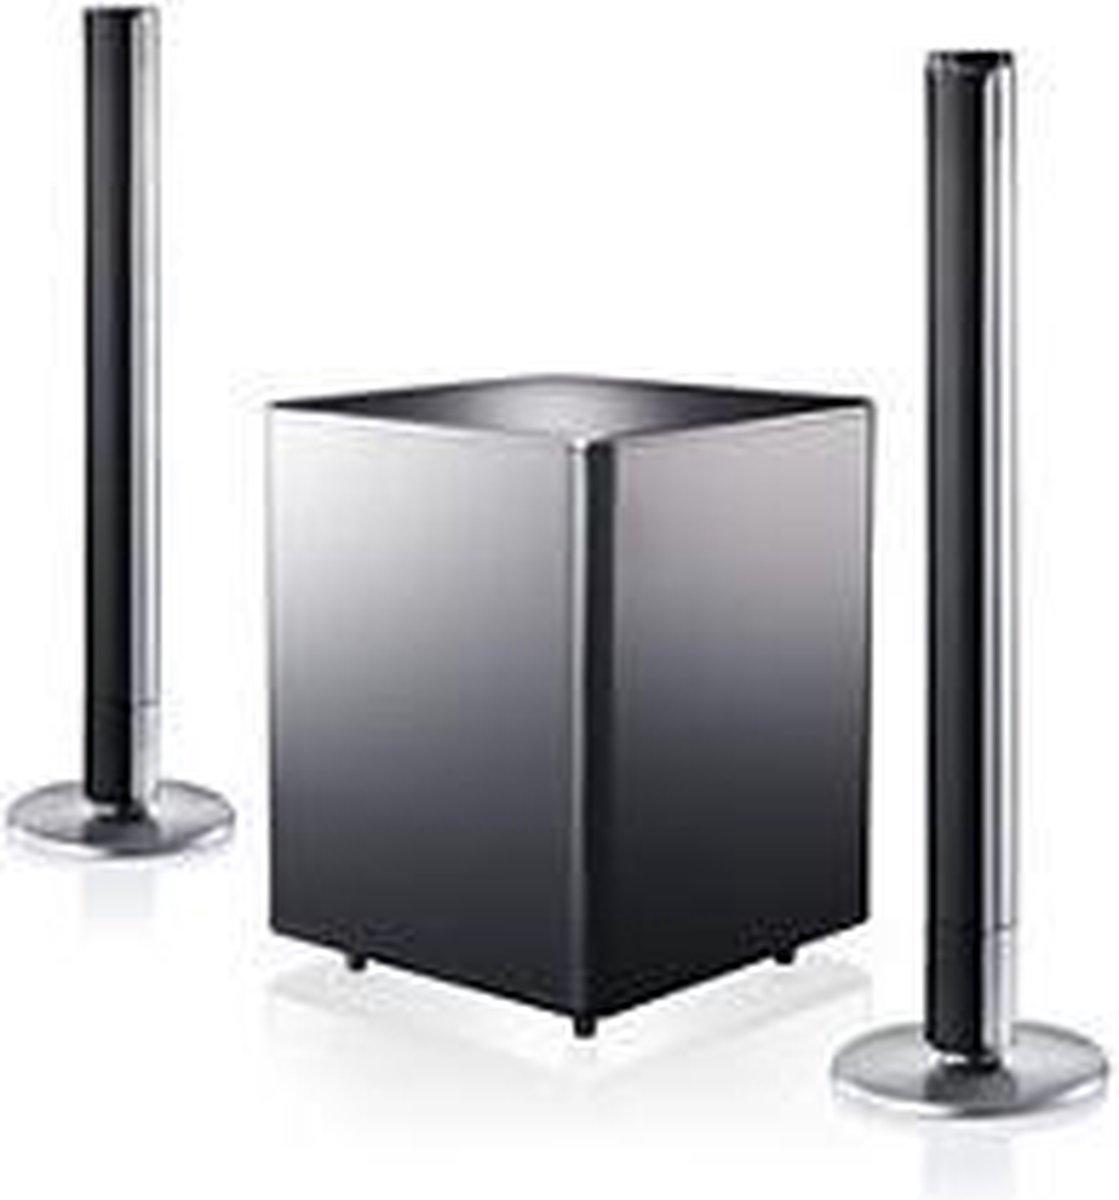 Samsung HW-E551 2.1 Soundbar